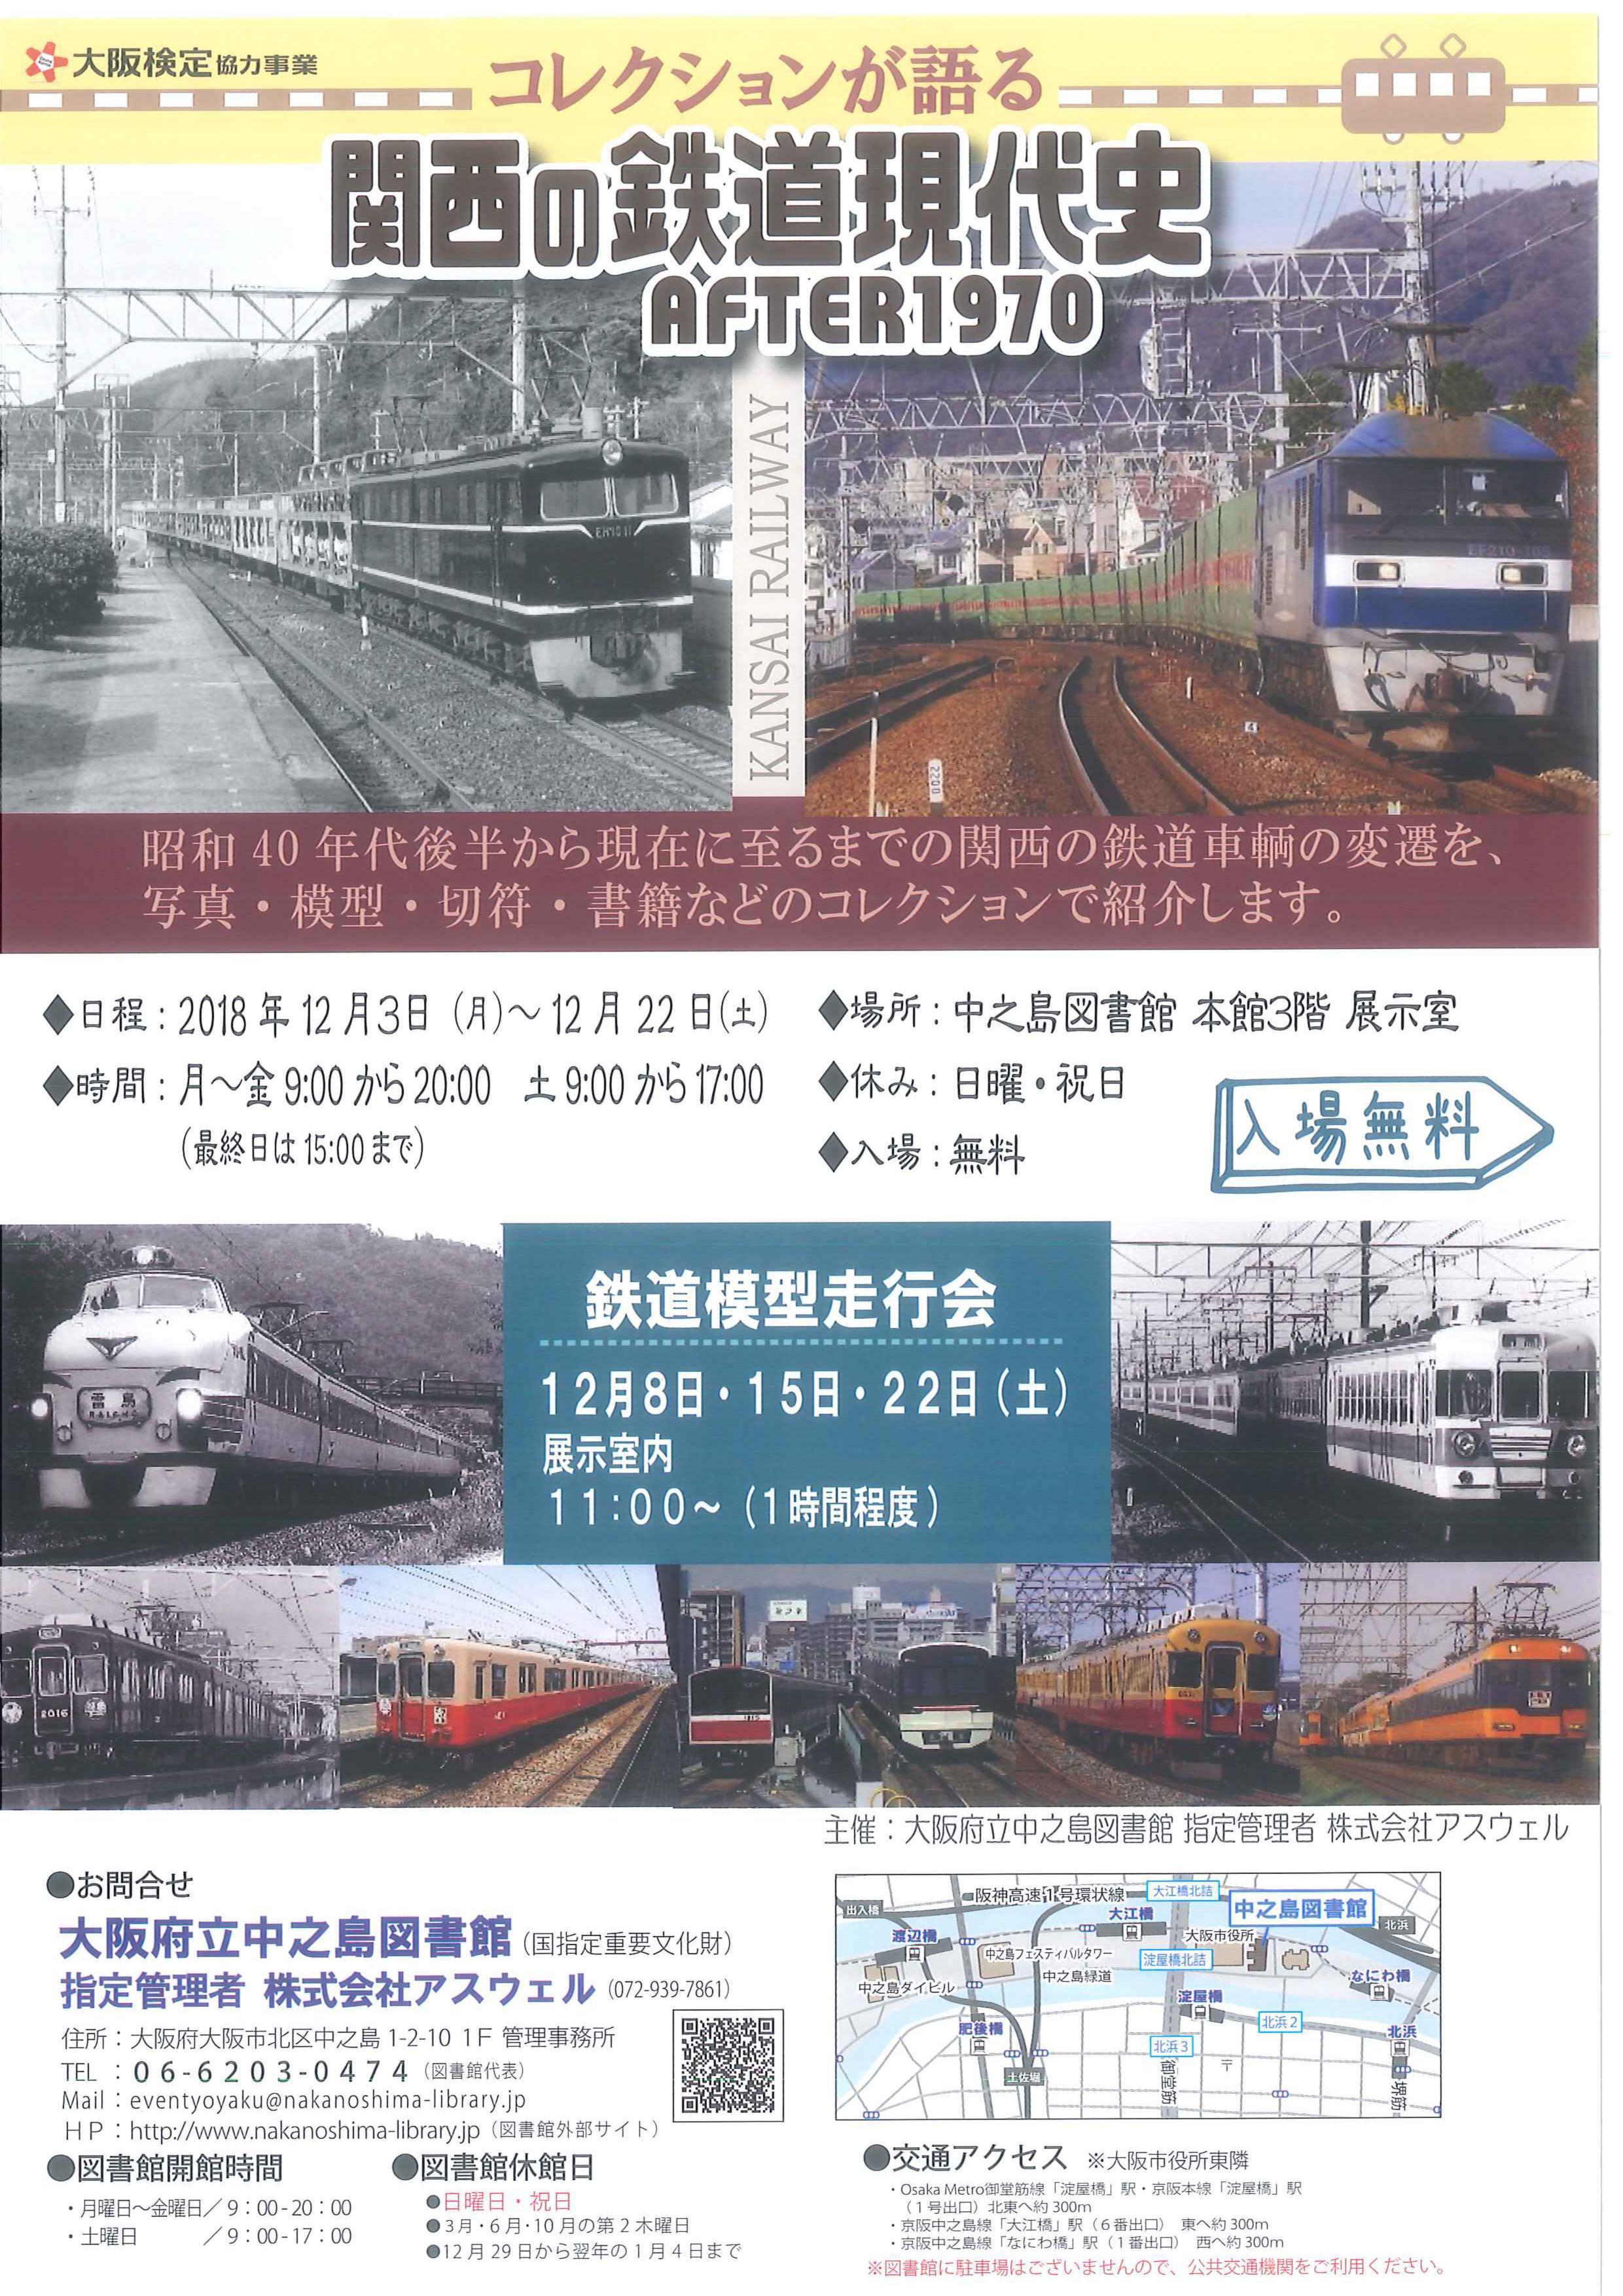 「関西の鉄道現代史AFTER1970」12月3日(月)~12月22日(土)